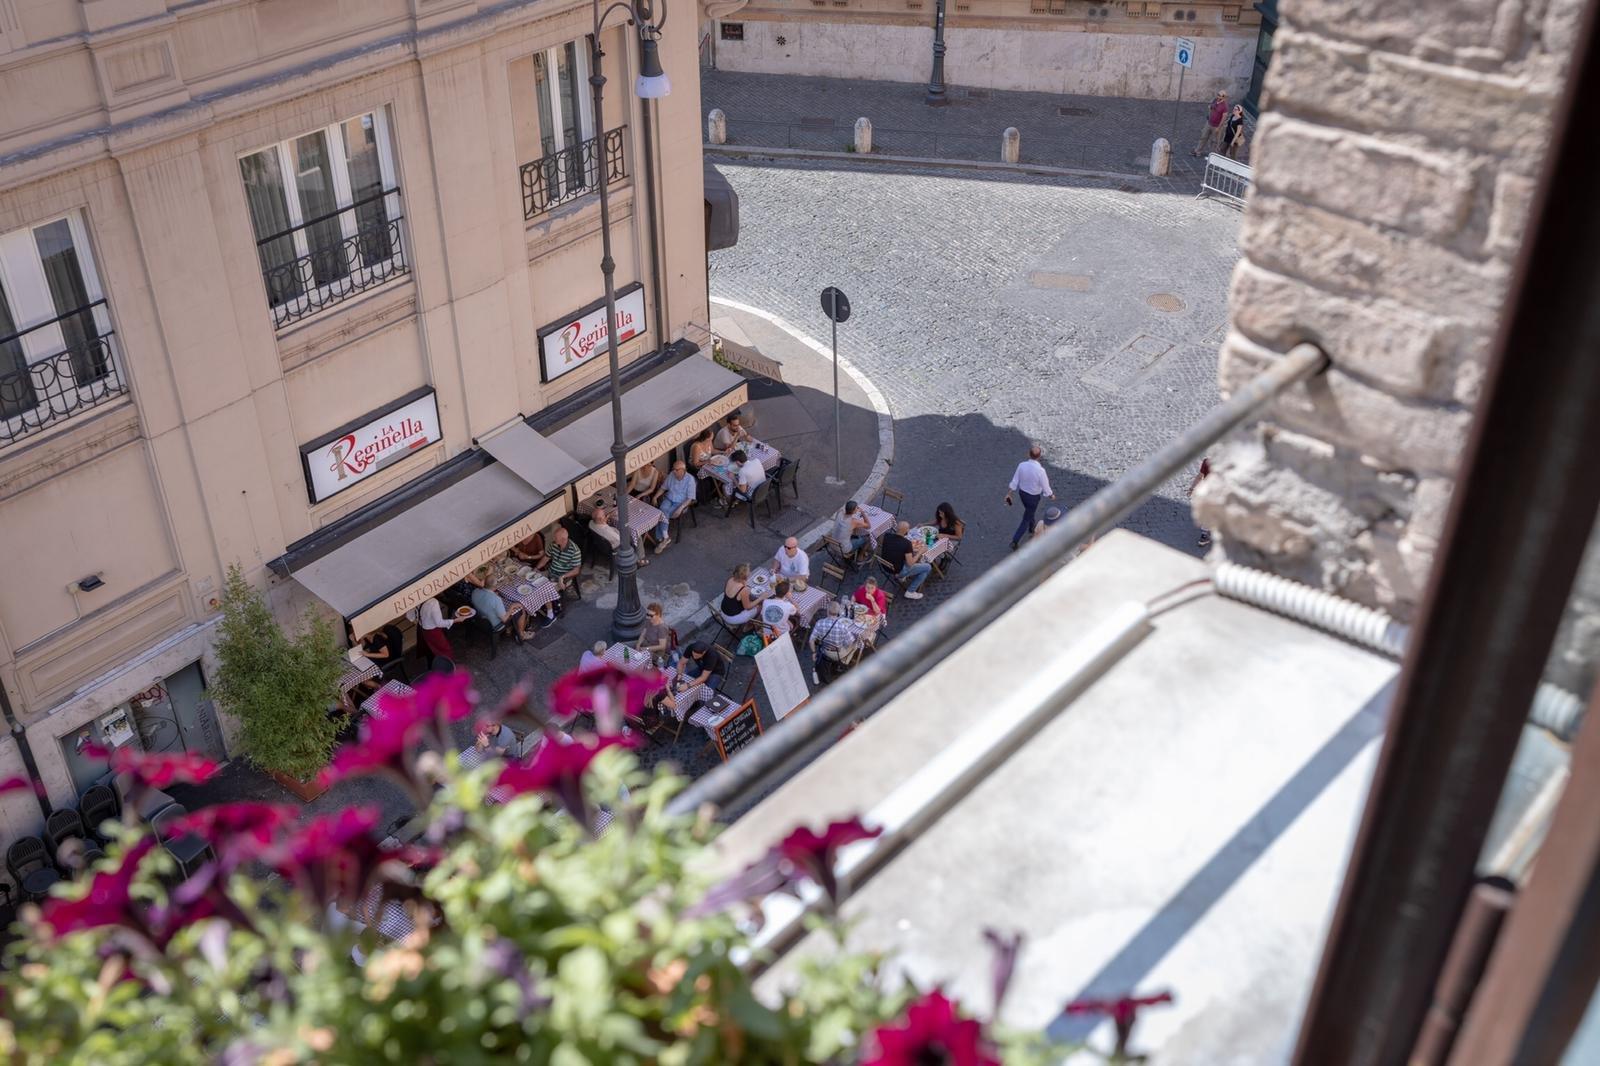 מלון נאמן ברומא - מלון כשר , מבט לגטו היהודי